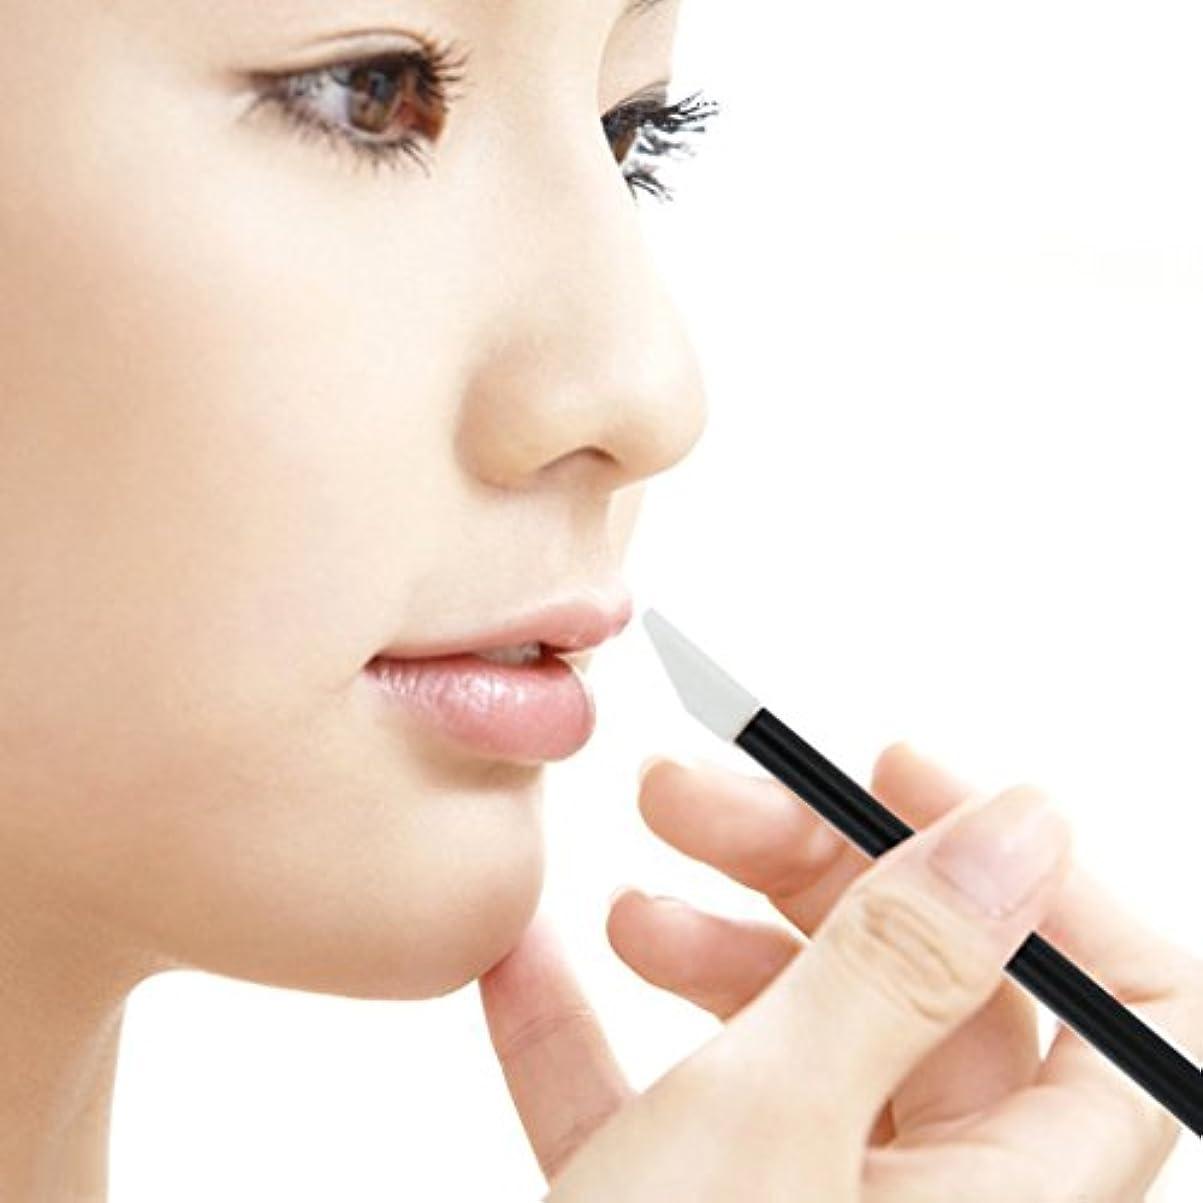 最小化するミスペンド専門知識Zafina リップブラシ 使い捨て 便利 化粧用品 メイクアップ  化粧ブラシ50本セット  (ブラック)